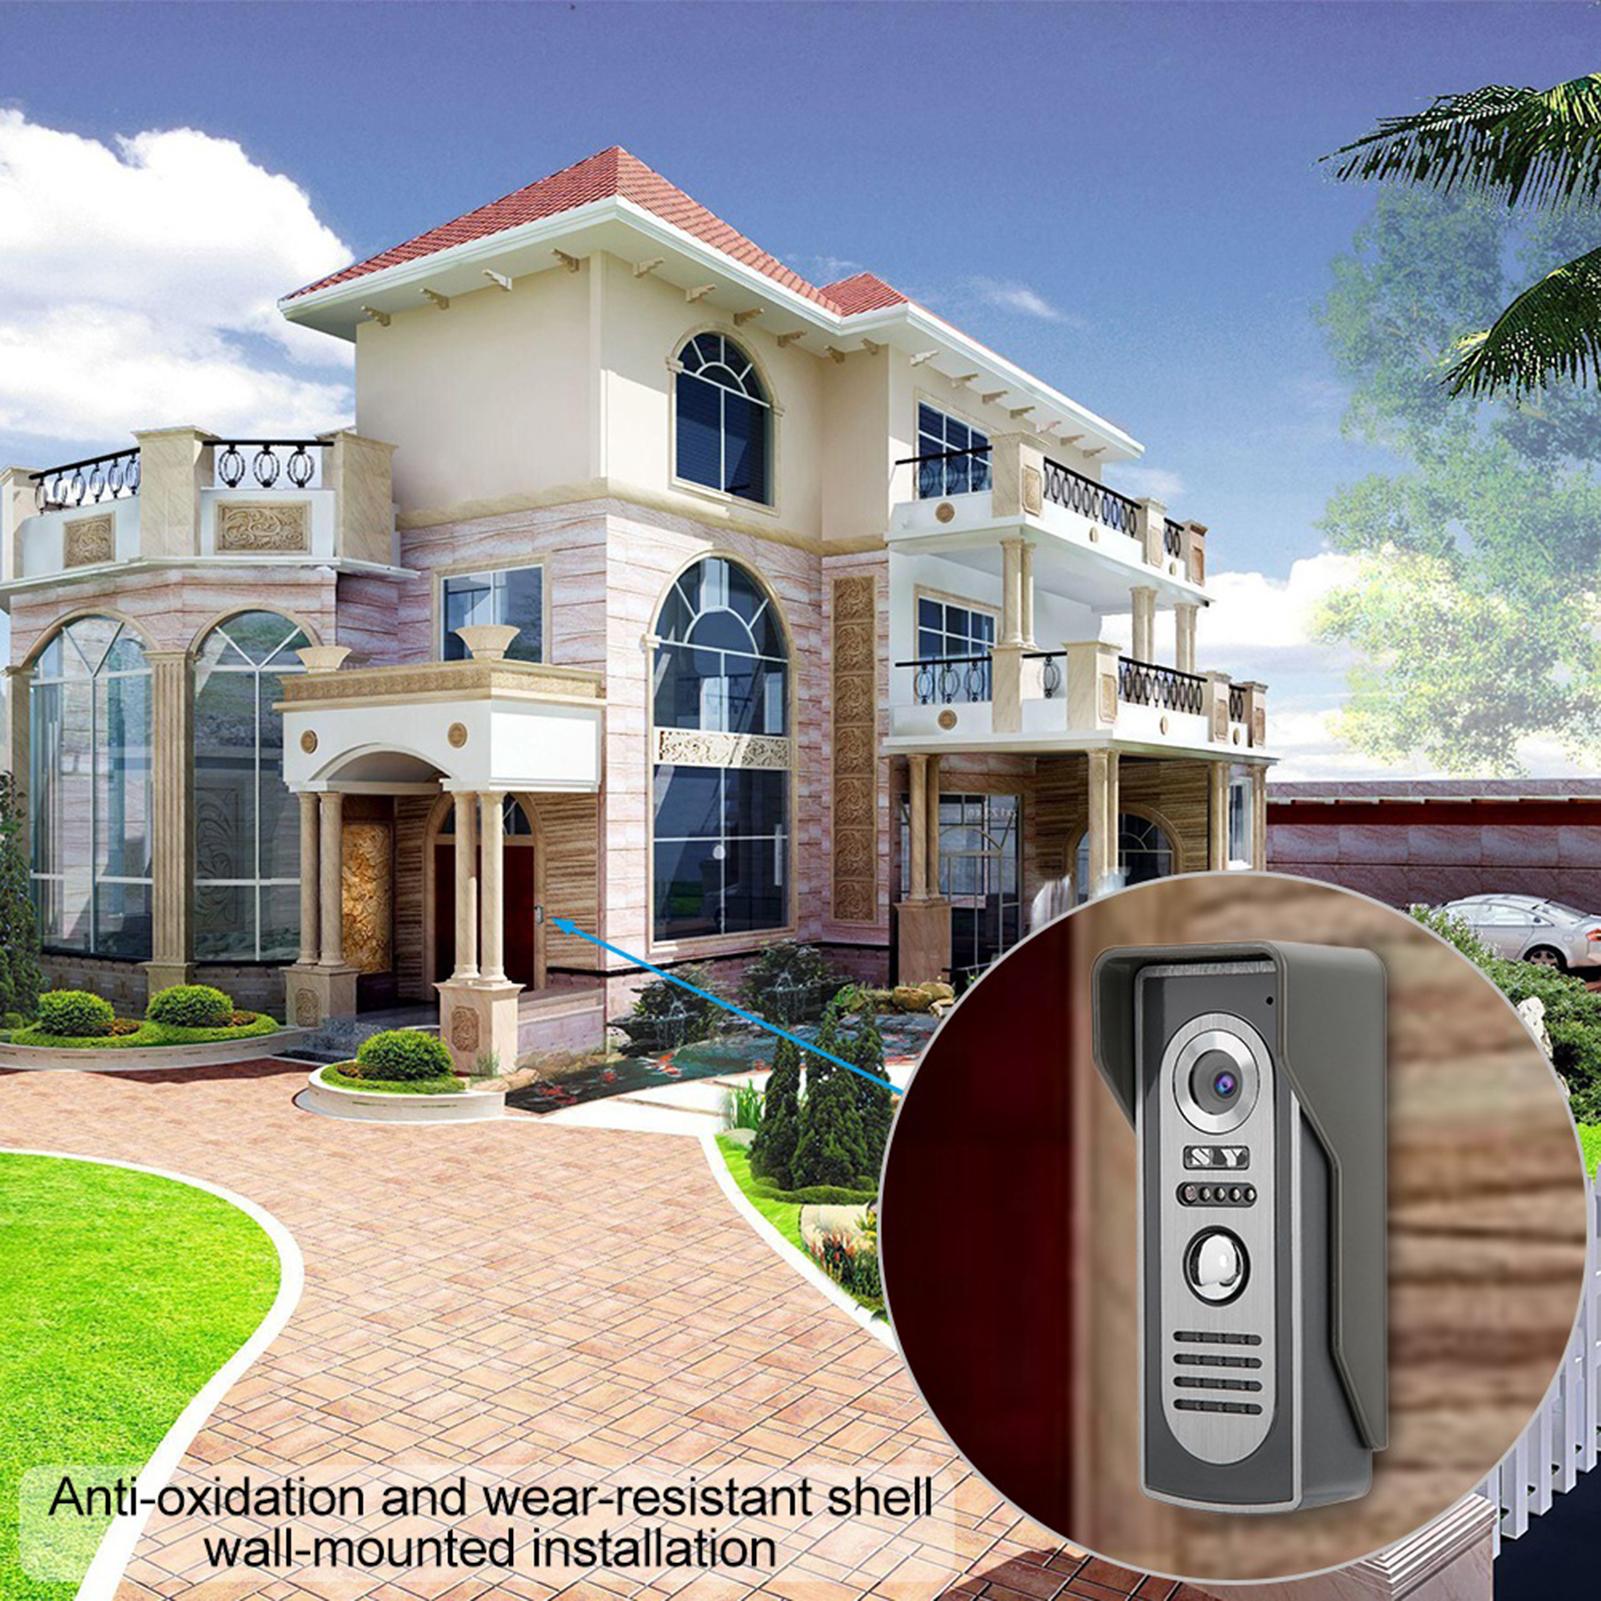 Audio-Intercom-Doorbell-7in-TFT-LCD-Video-Camera-Outdoor-Night-View-Waterproof miniature 23